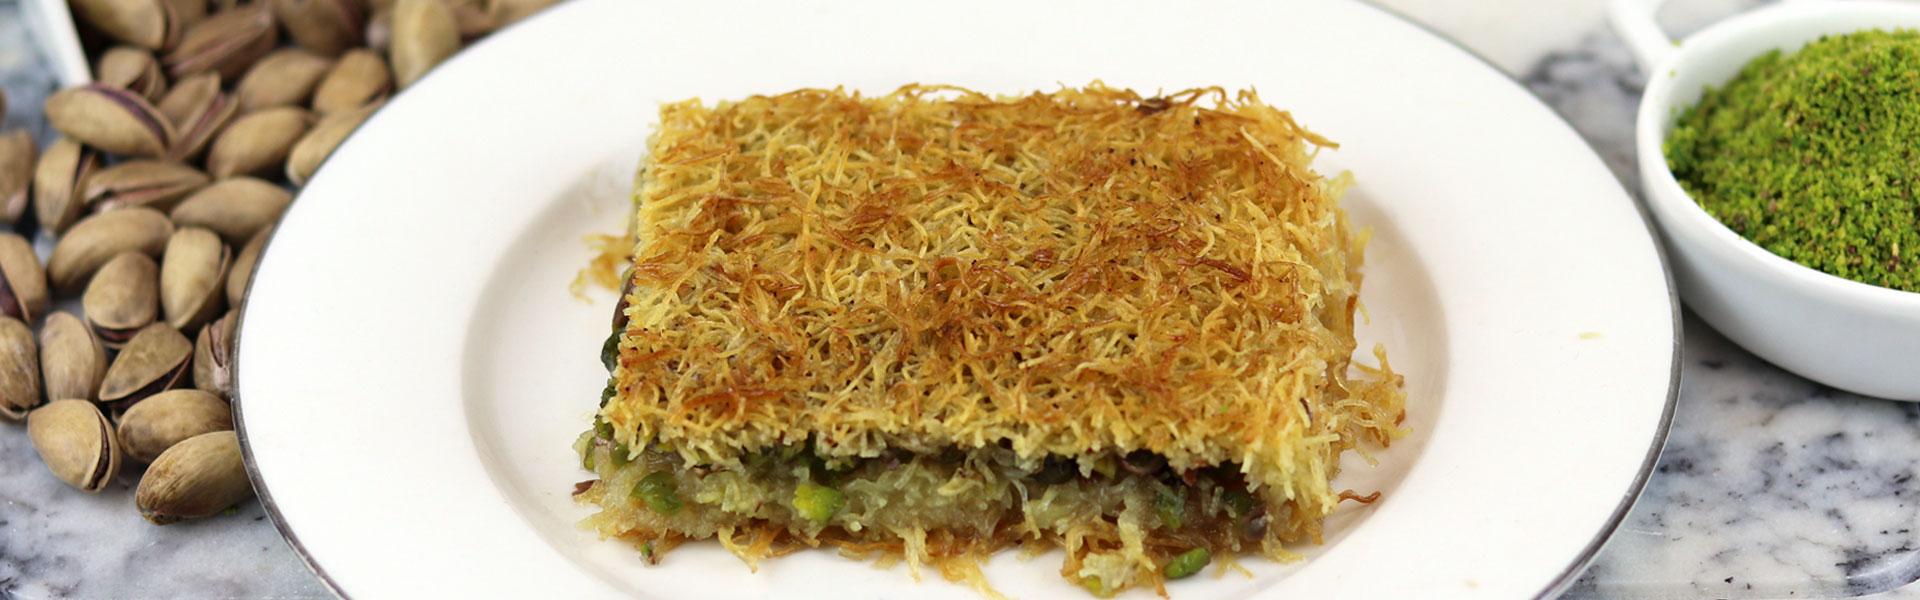 DK Food image 1 slayt-2